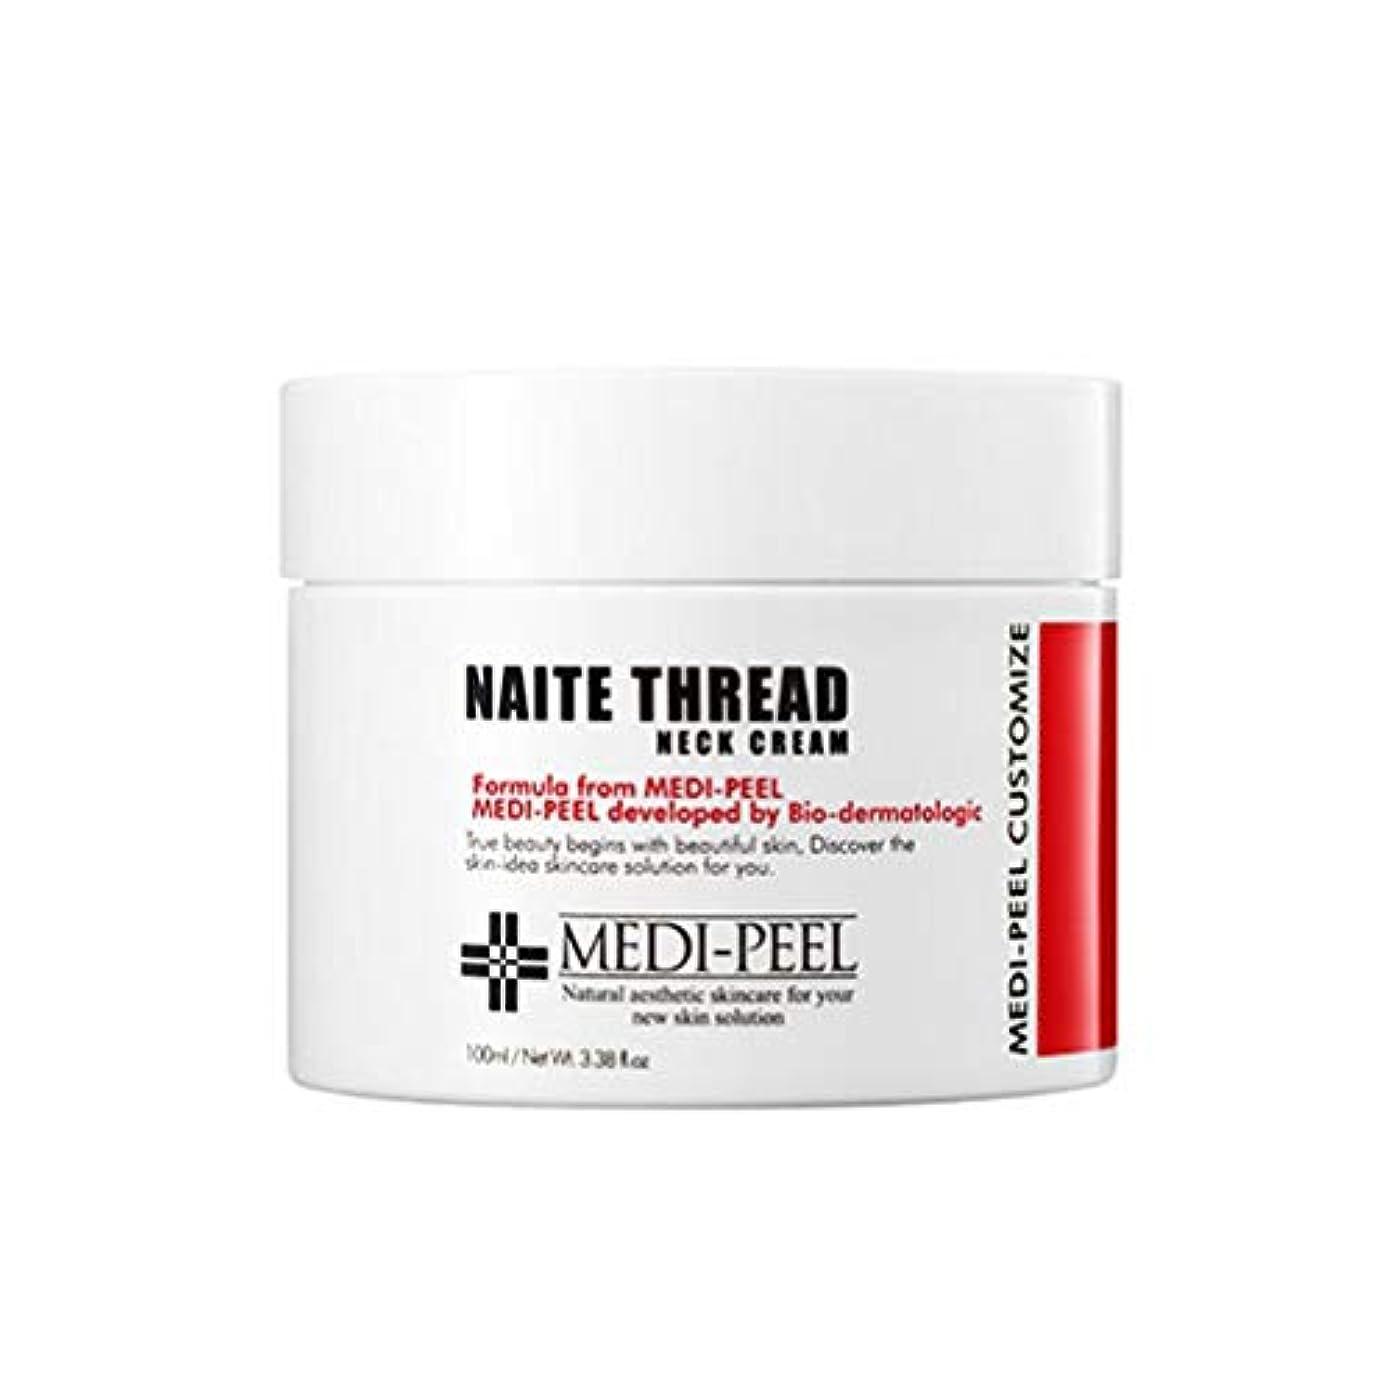 のスコア愛情懲らしめメディ?フィルナイテ糸ネッククリーム100ml 首のしわのケア韓国コスメ、Medi-Peel Naite Thread Neck Cream 100ml Korean Cosmetics [並行輸入品]